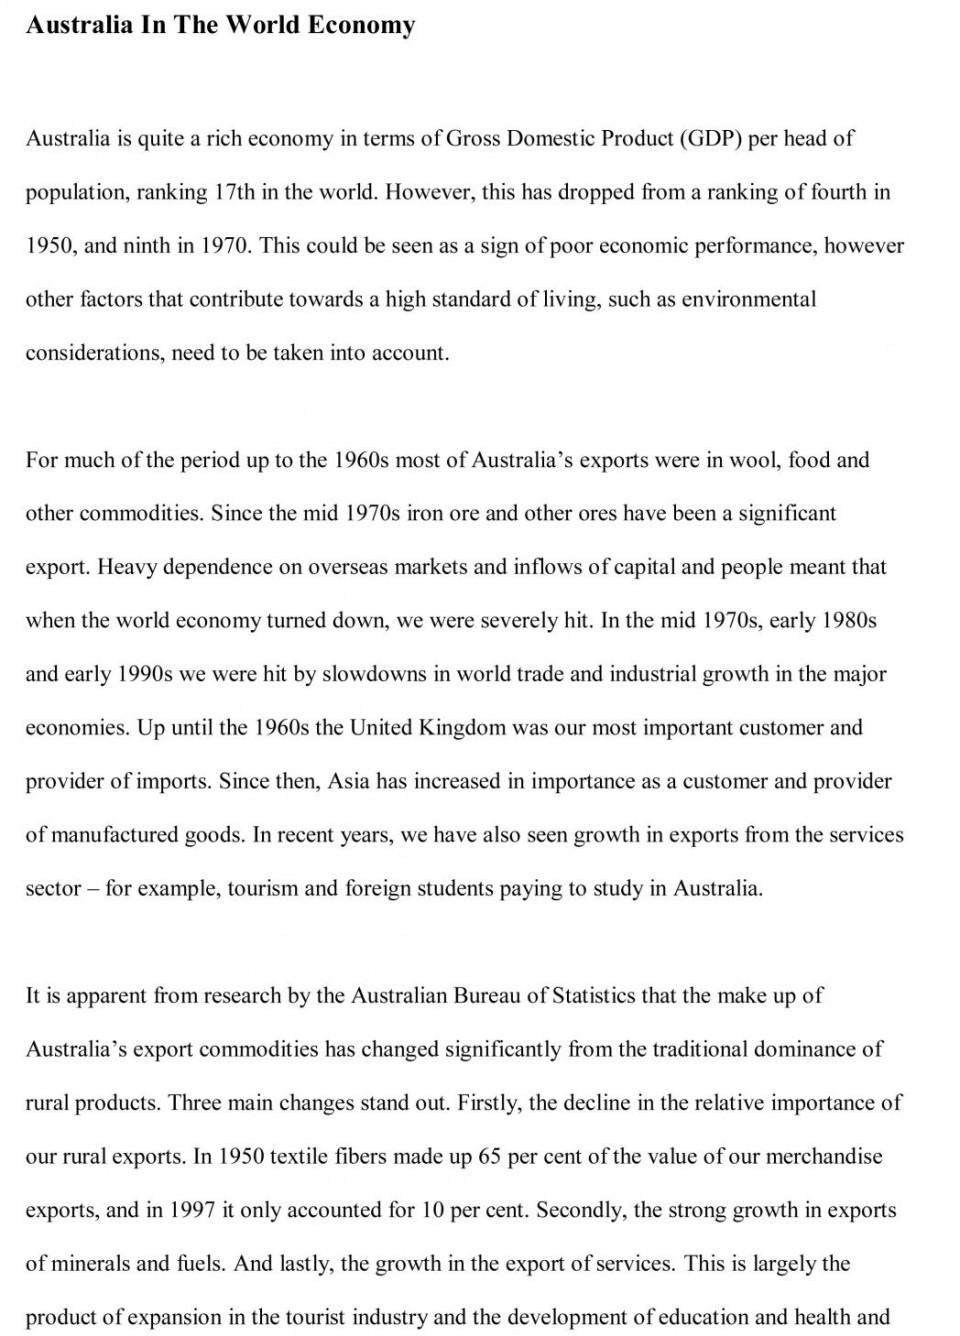 004 Ethnographic Essay Example Economic Sample How To Write An Economics 1048x1459 Unique Examples Micro Ethnography 960